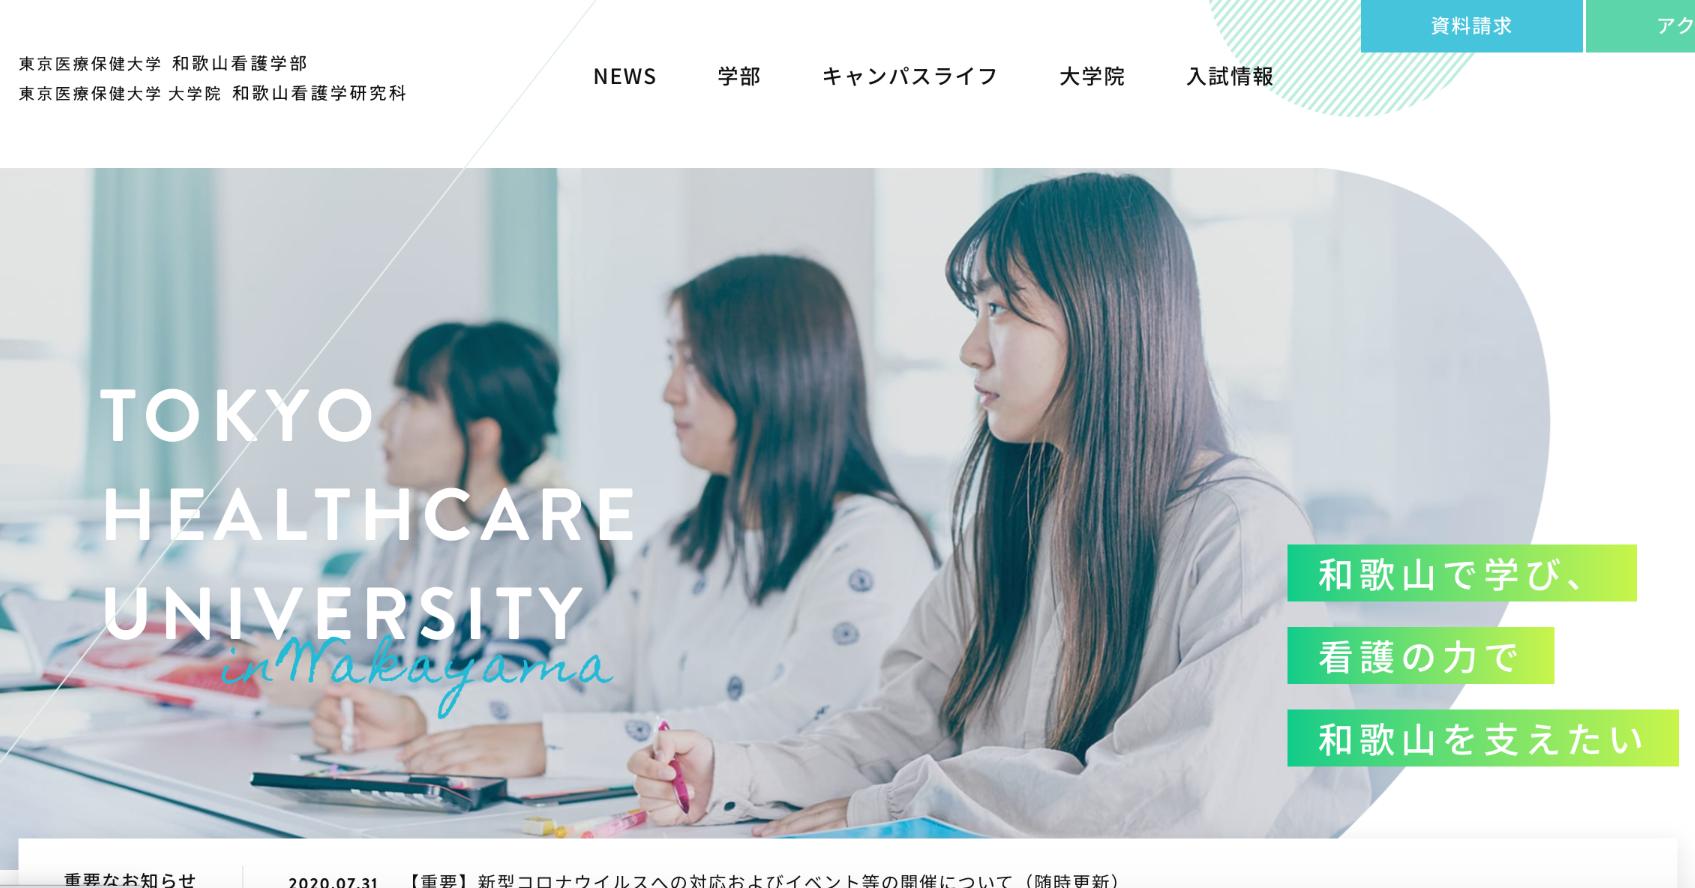 保健 和歌山 学部 東京 看護 大学 医療